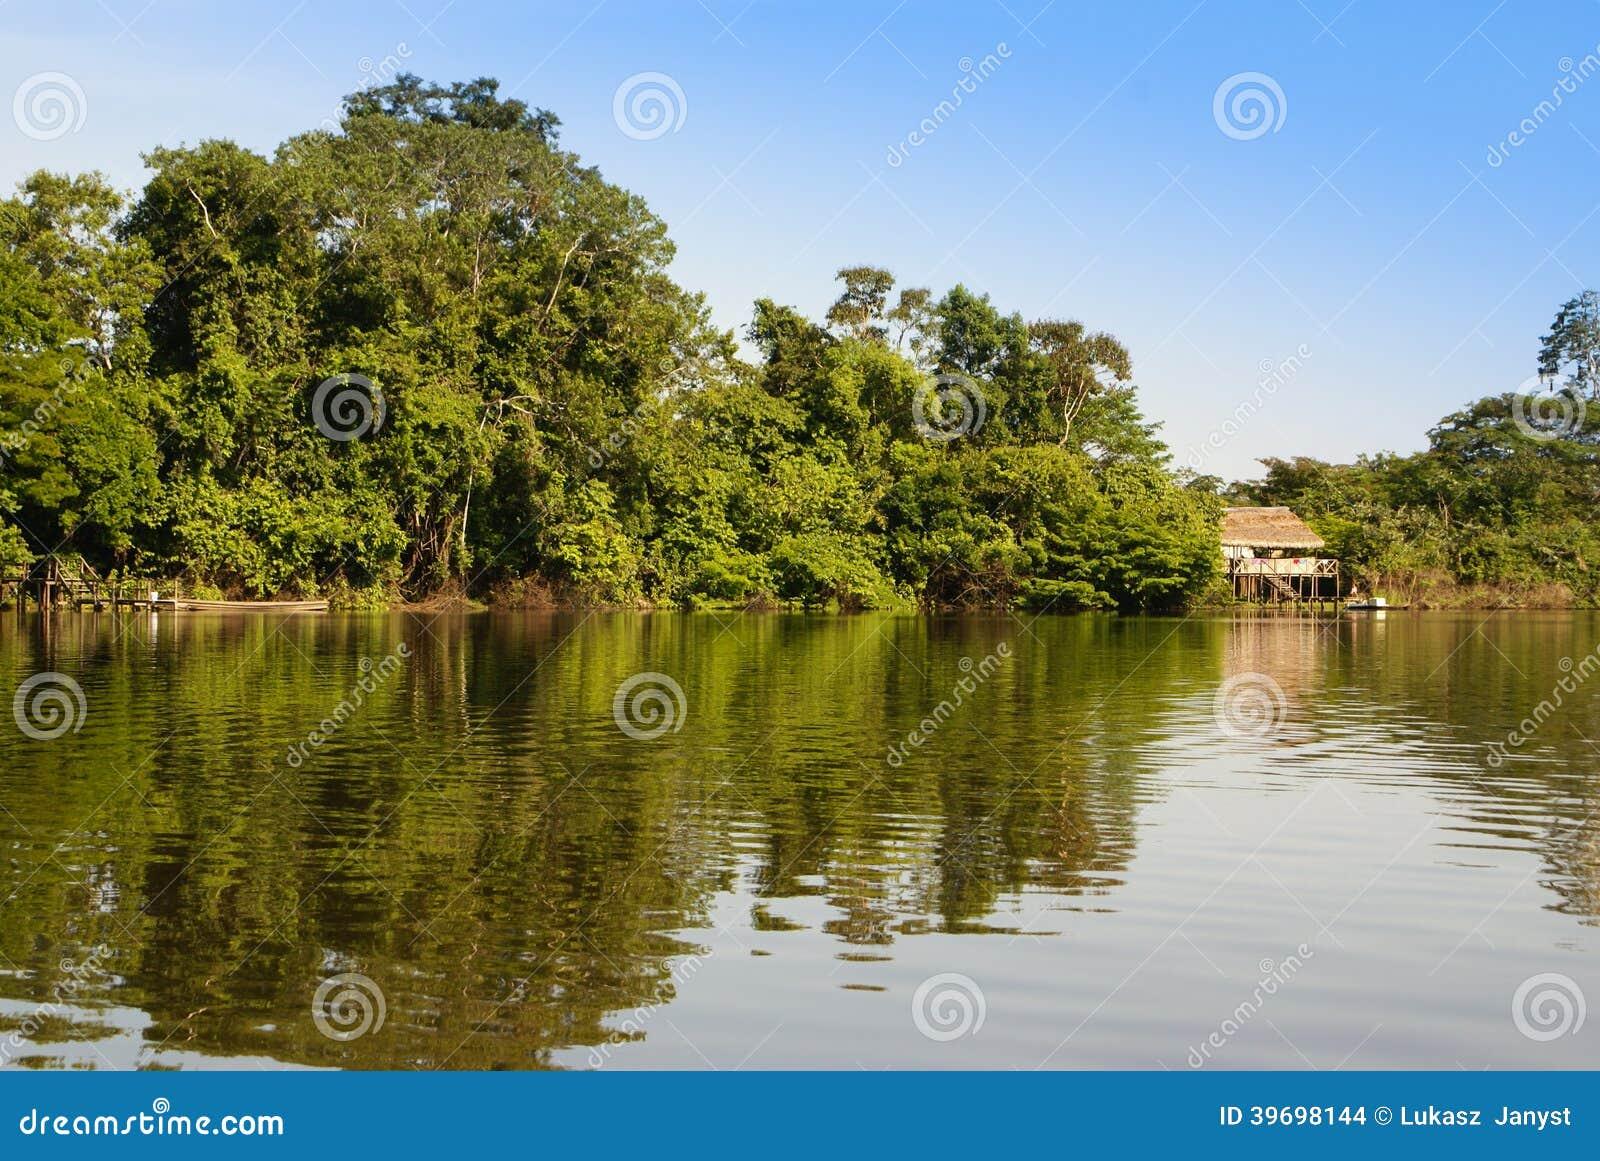 秘鲁,秘鲁Amazonas风景。照片礼物典型的ind